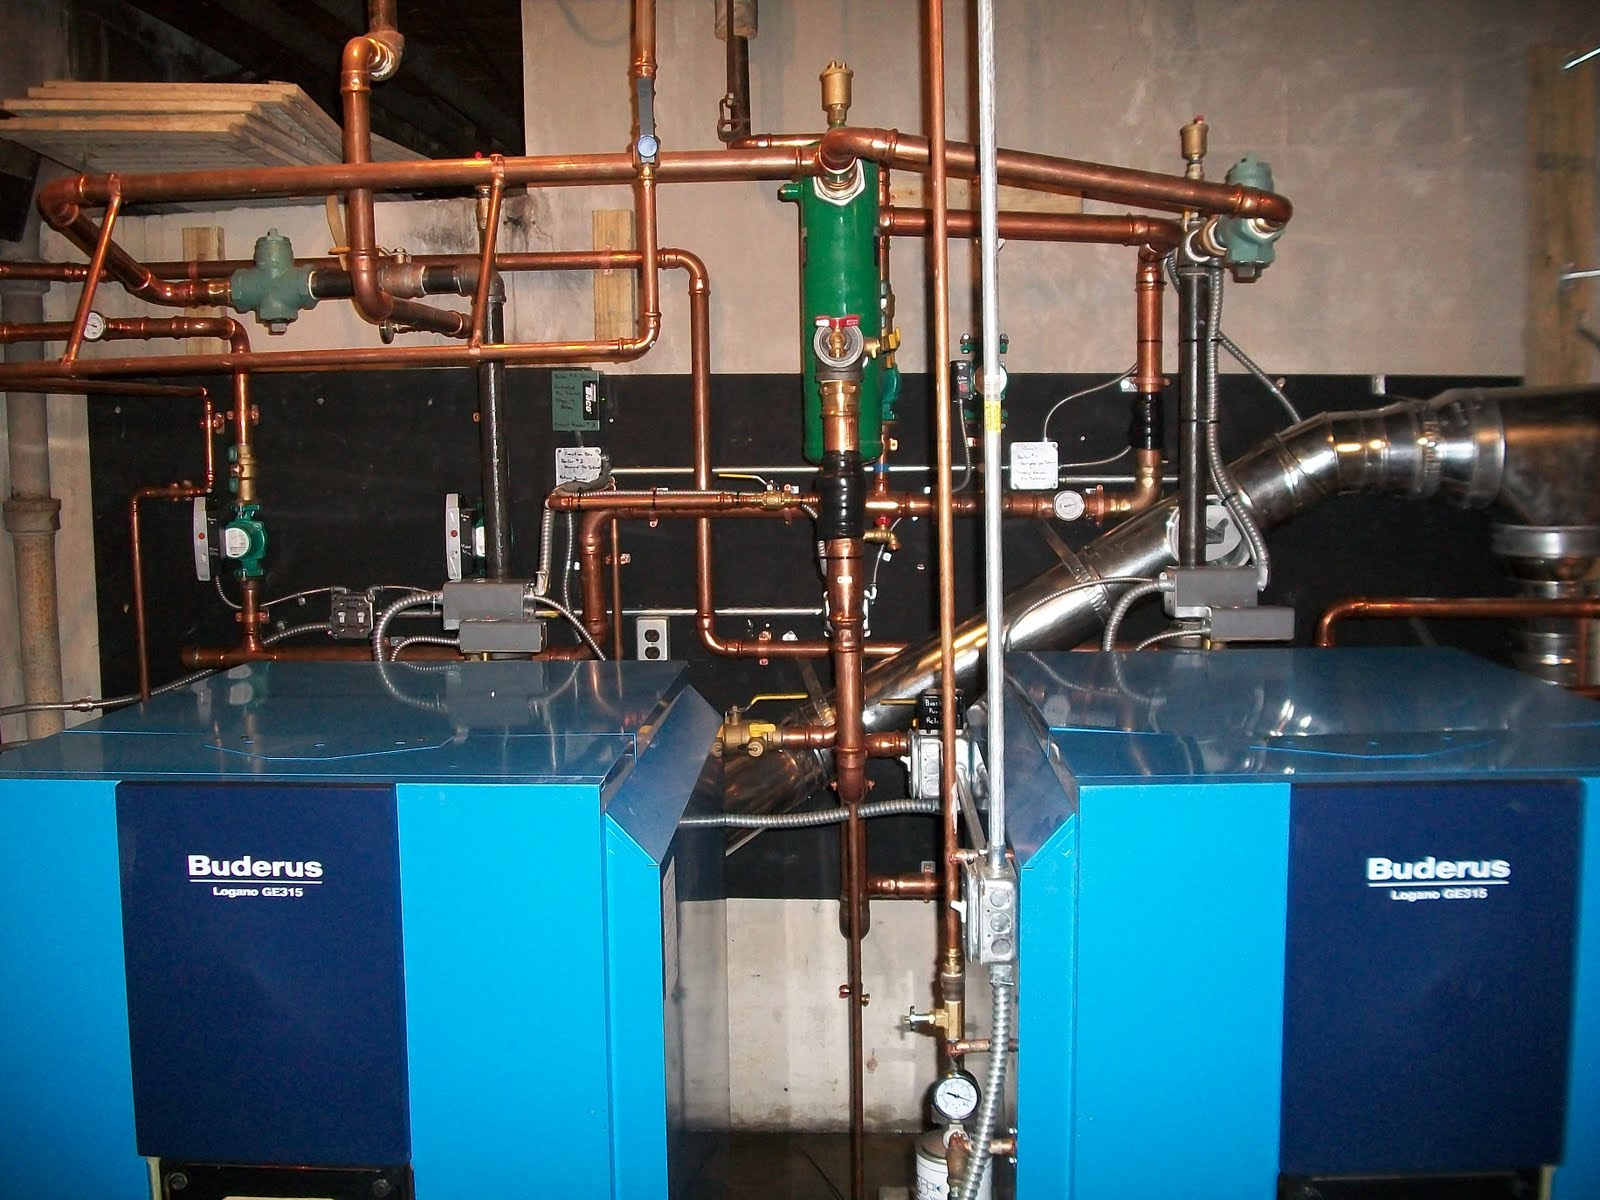 Buderus Boiler Wiring Diagram